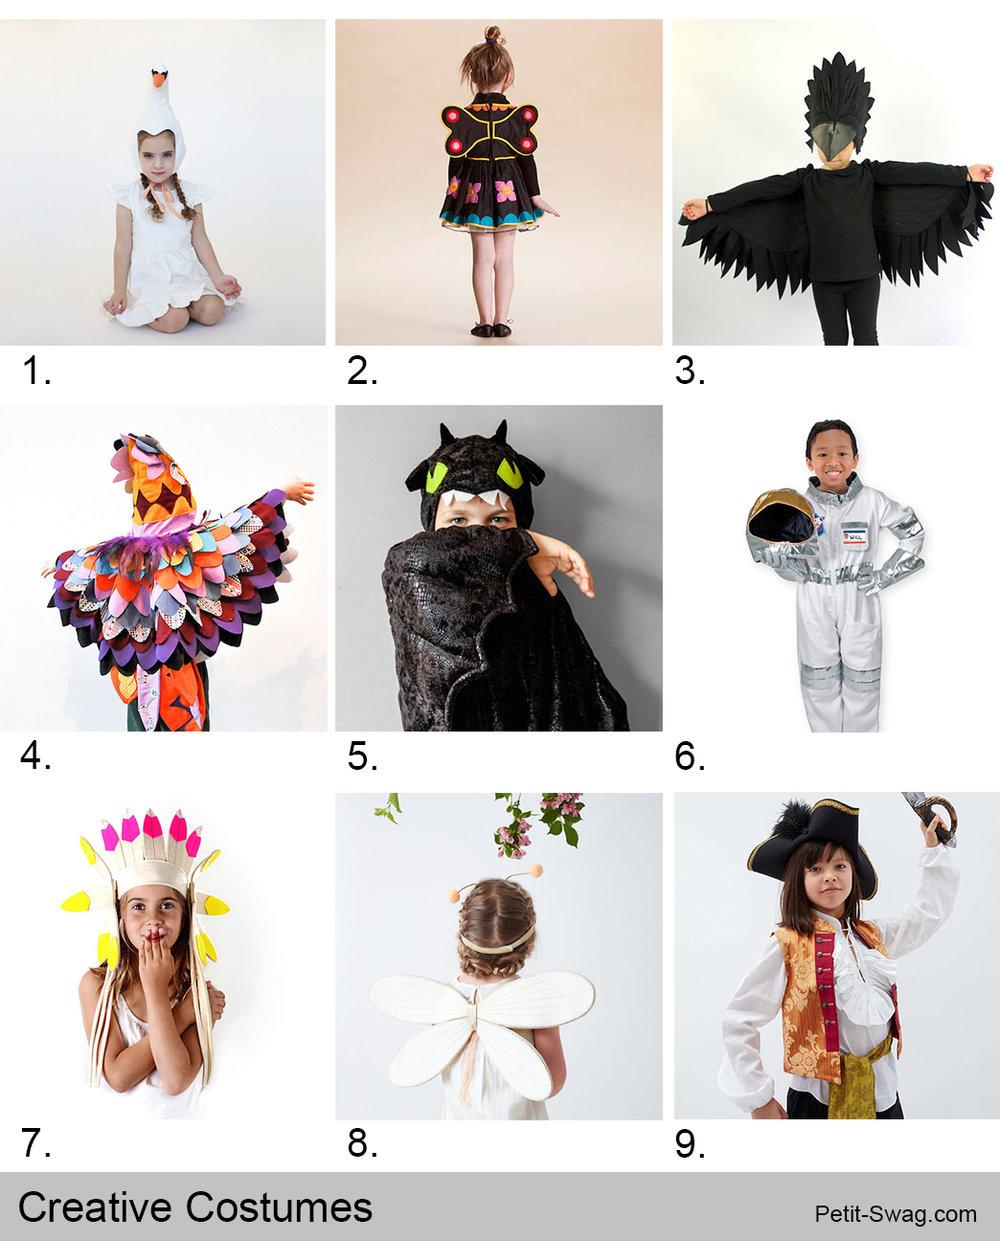 Creative Costumes | Petit-Swag.com